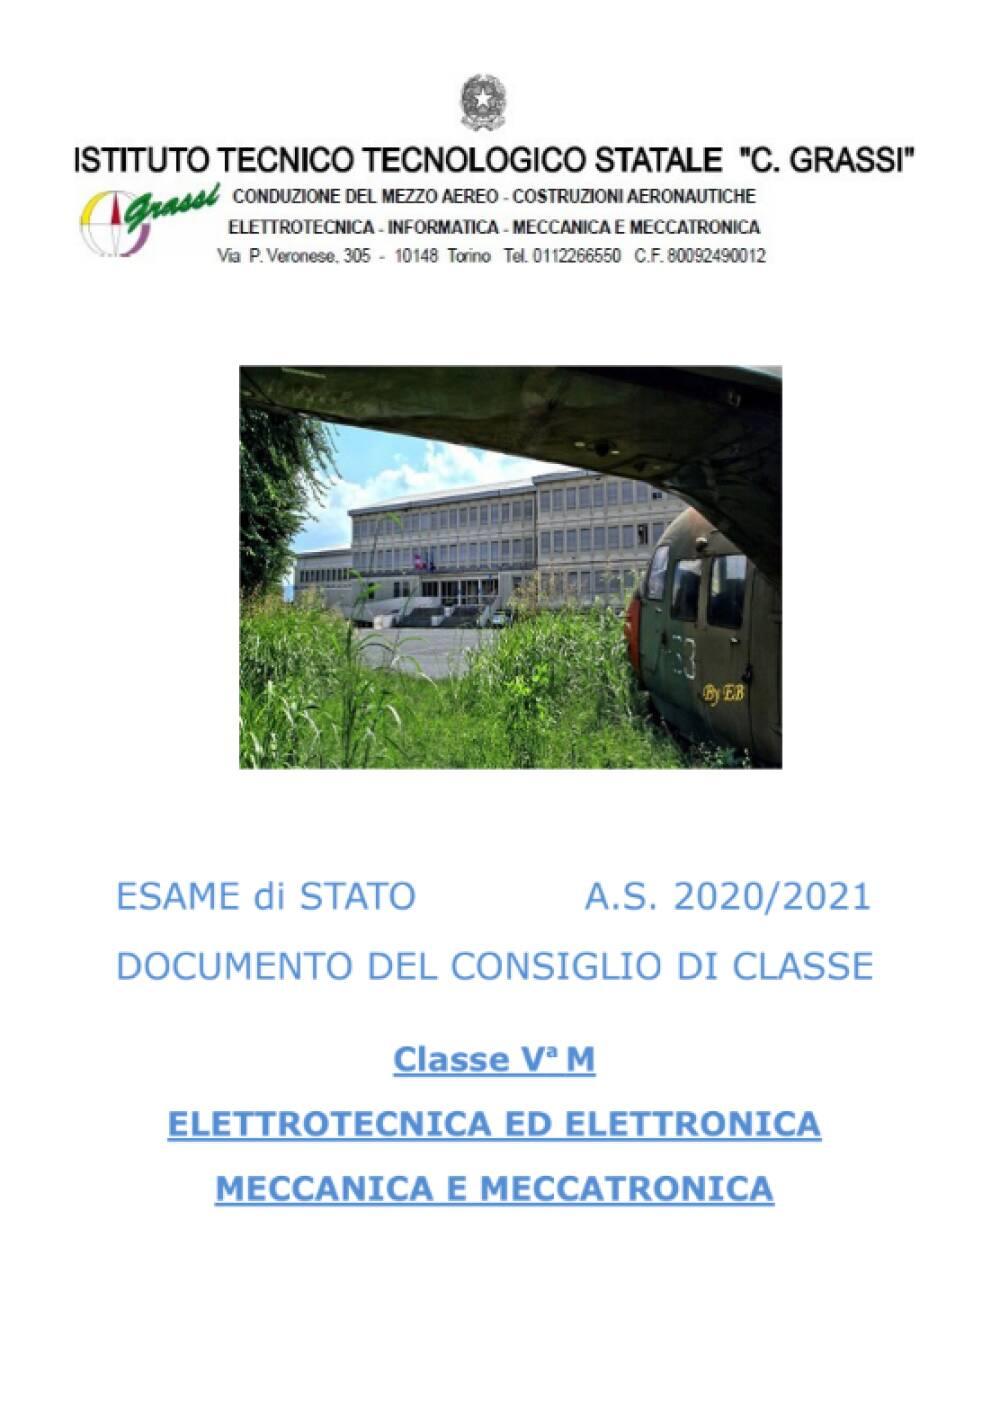 Documento 15 Maggio 5M